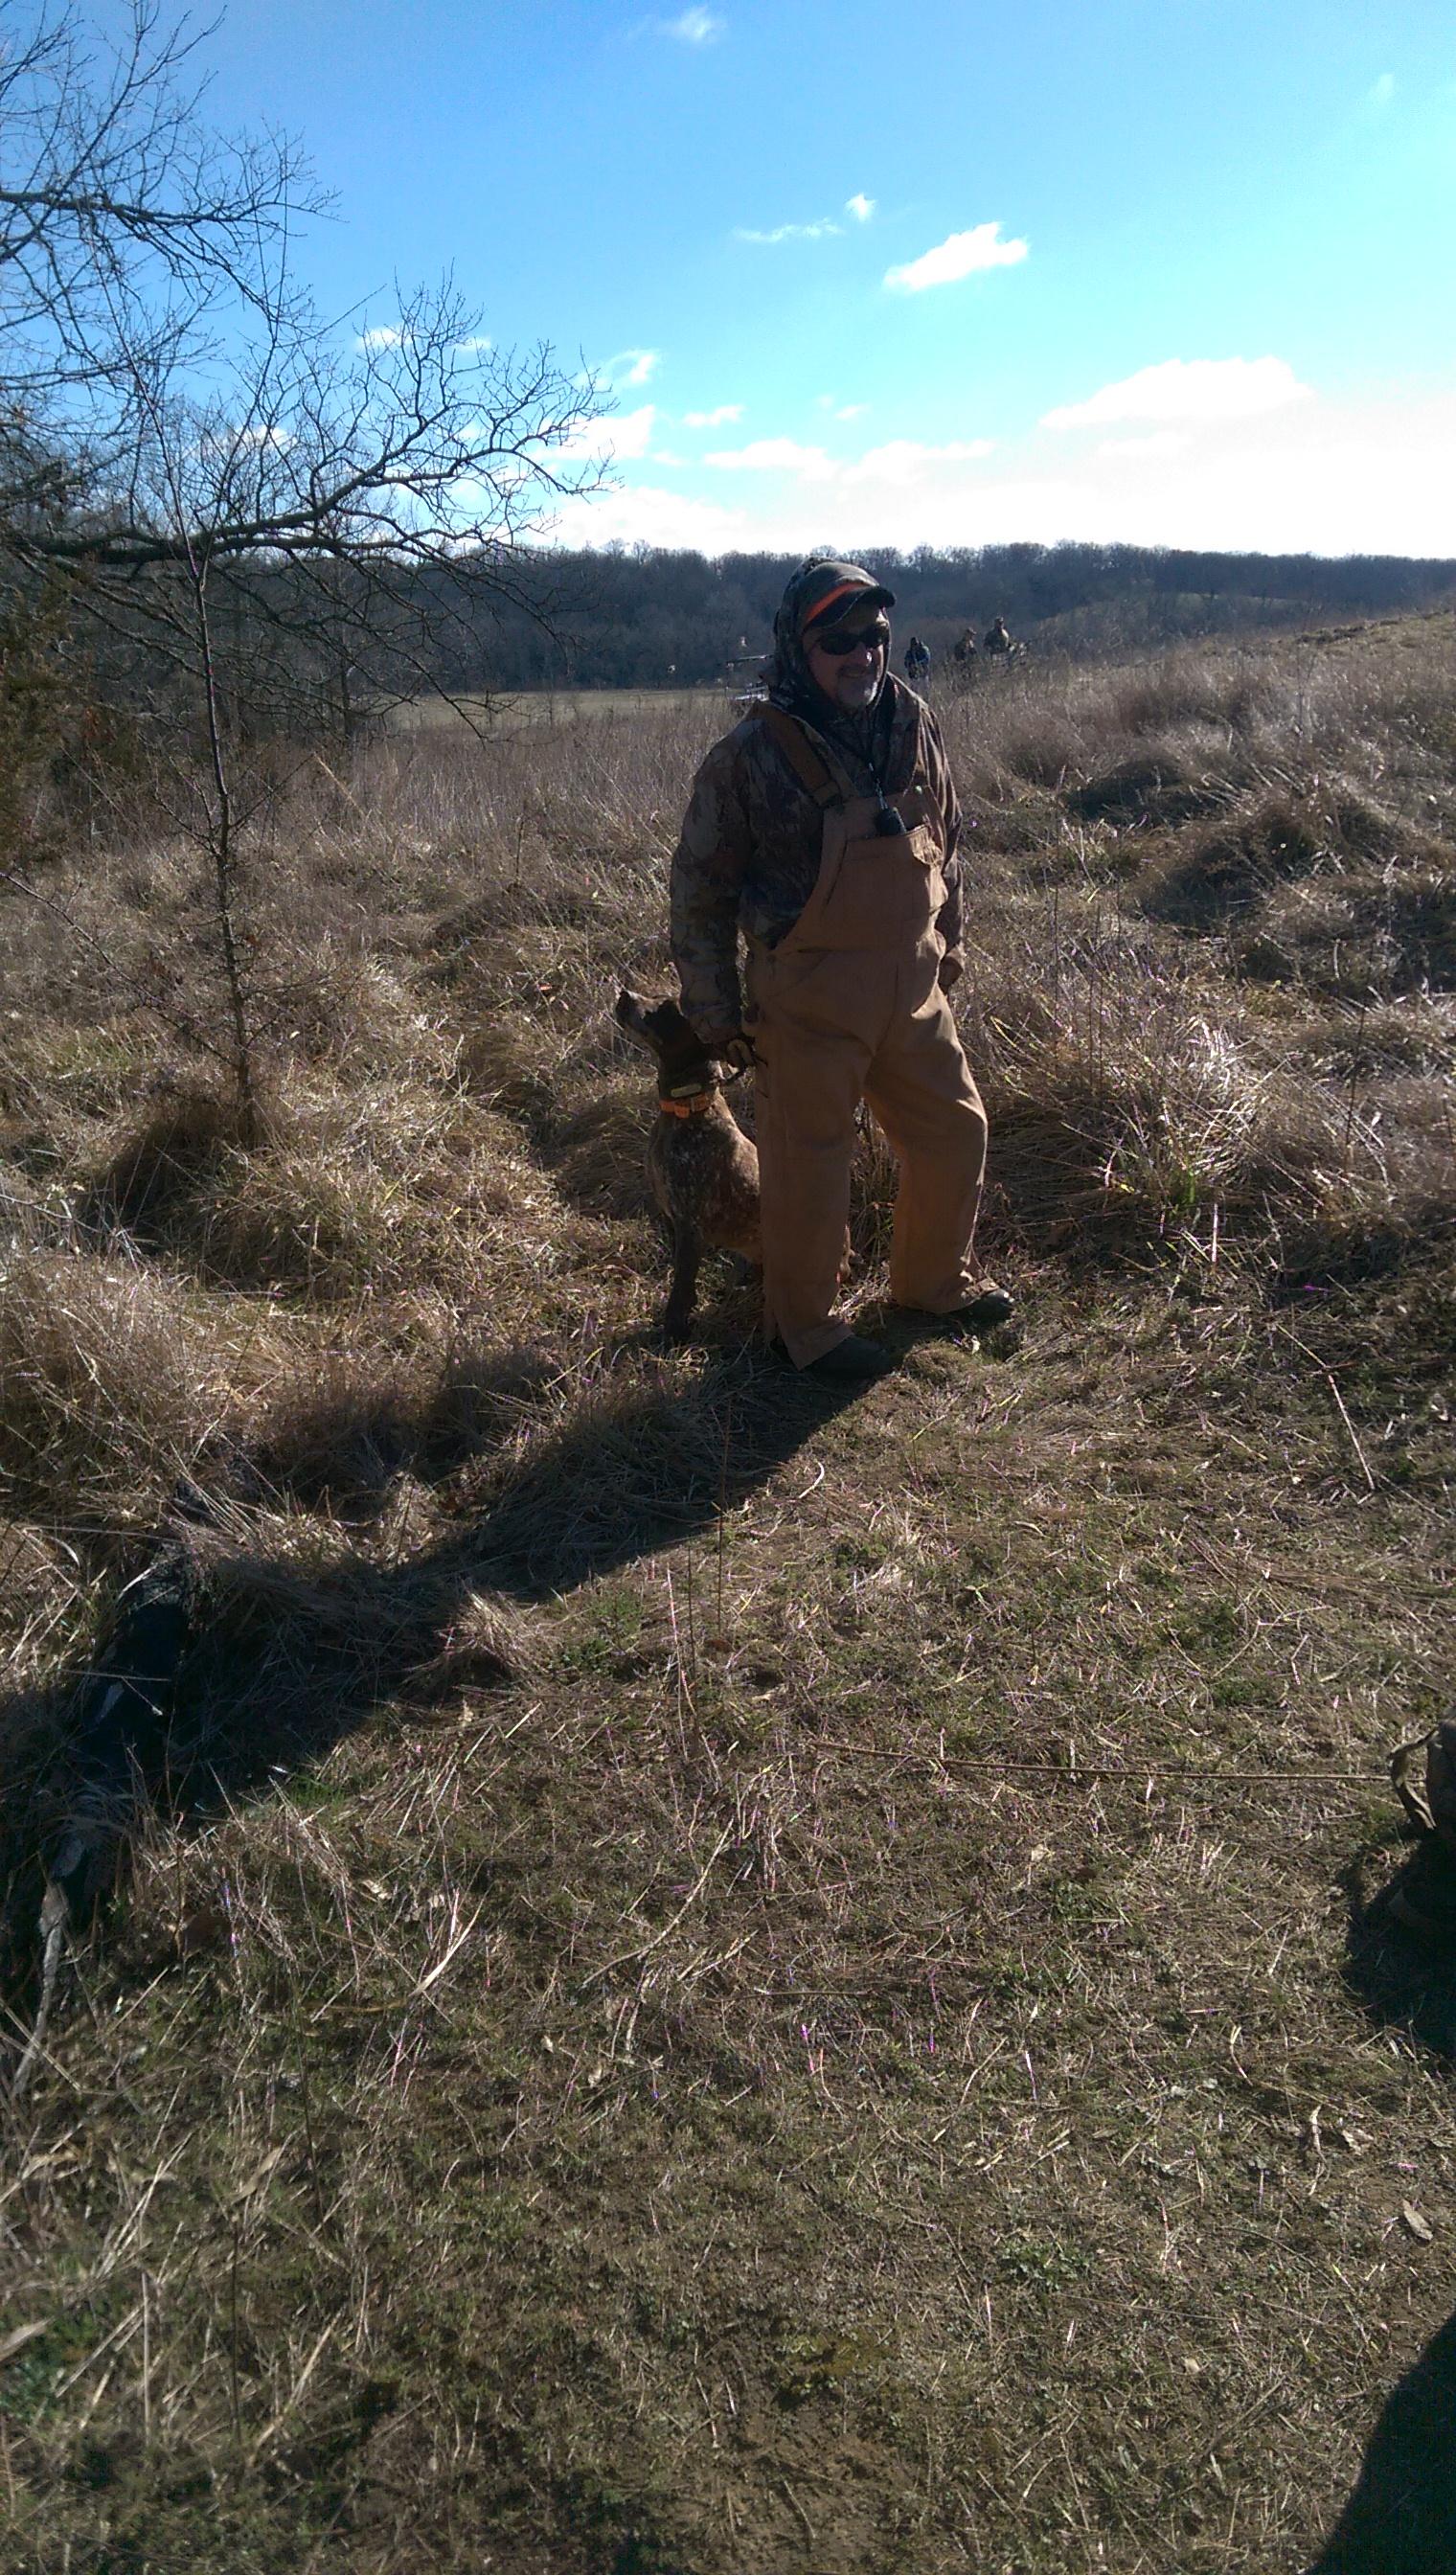 Dog handler with retriever